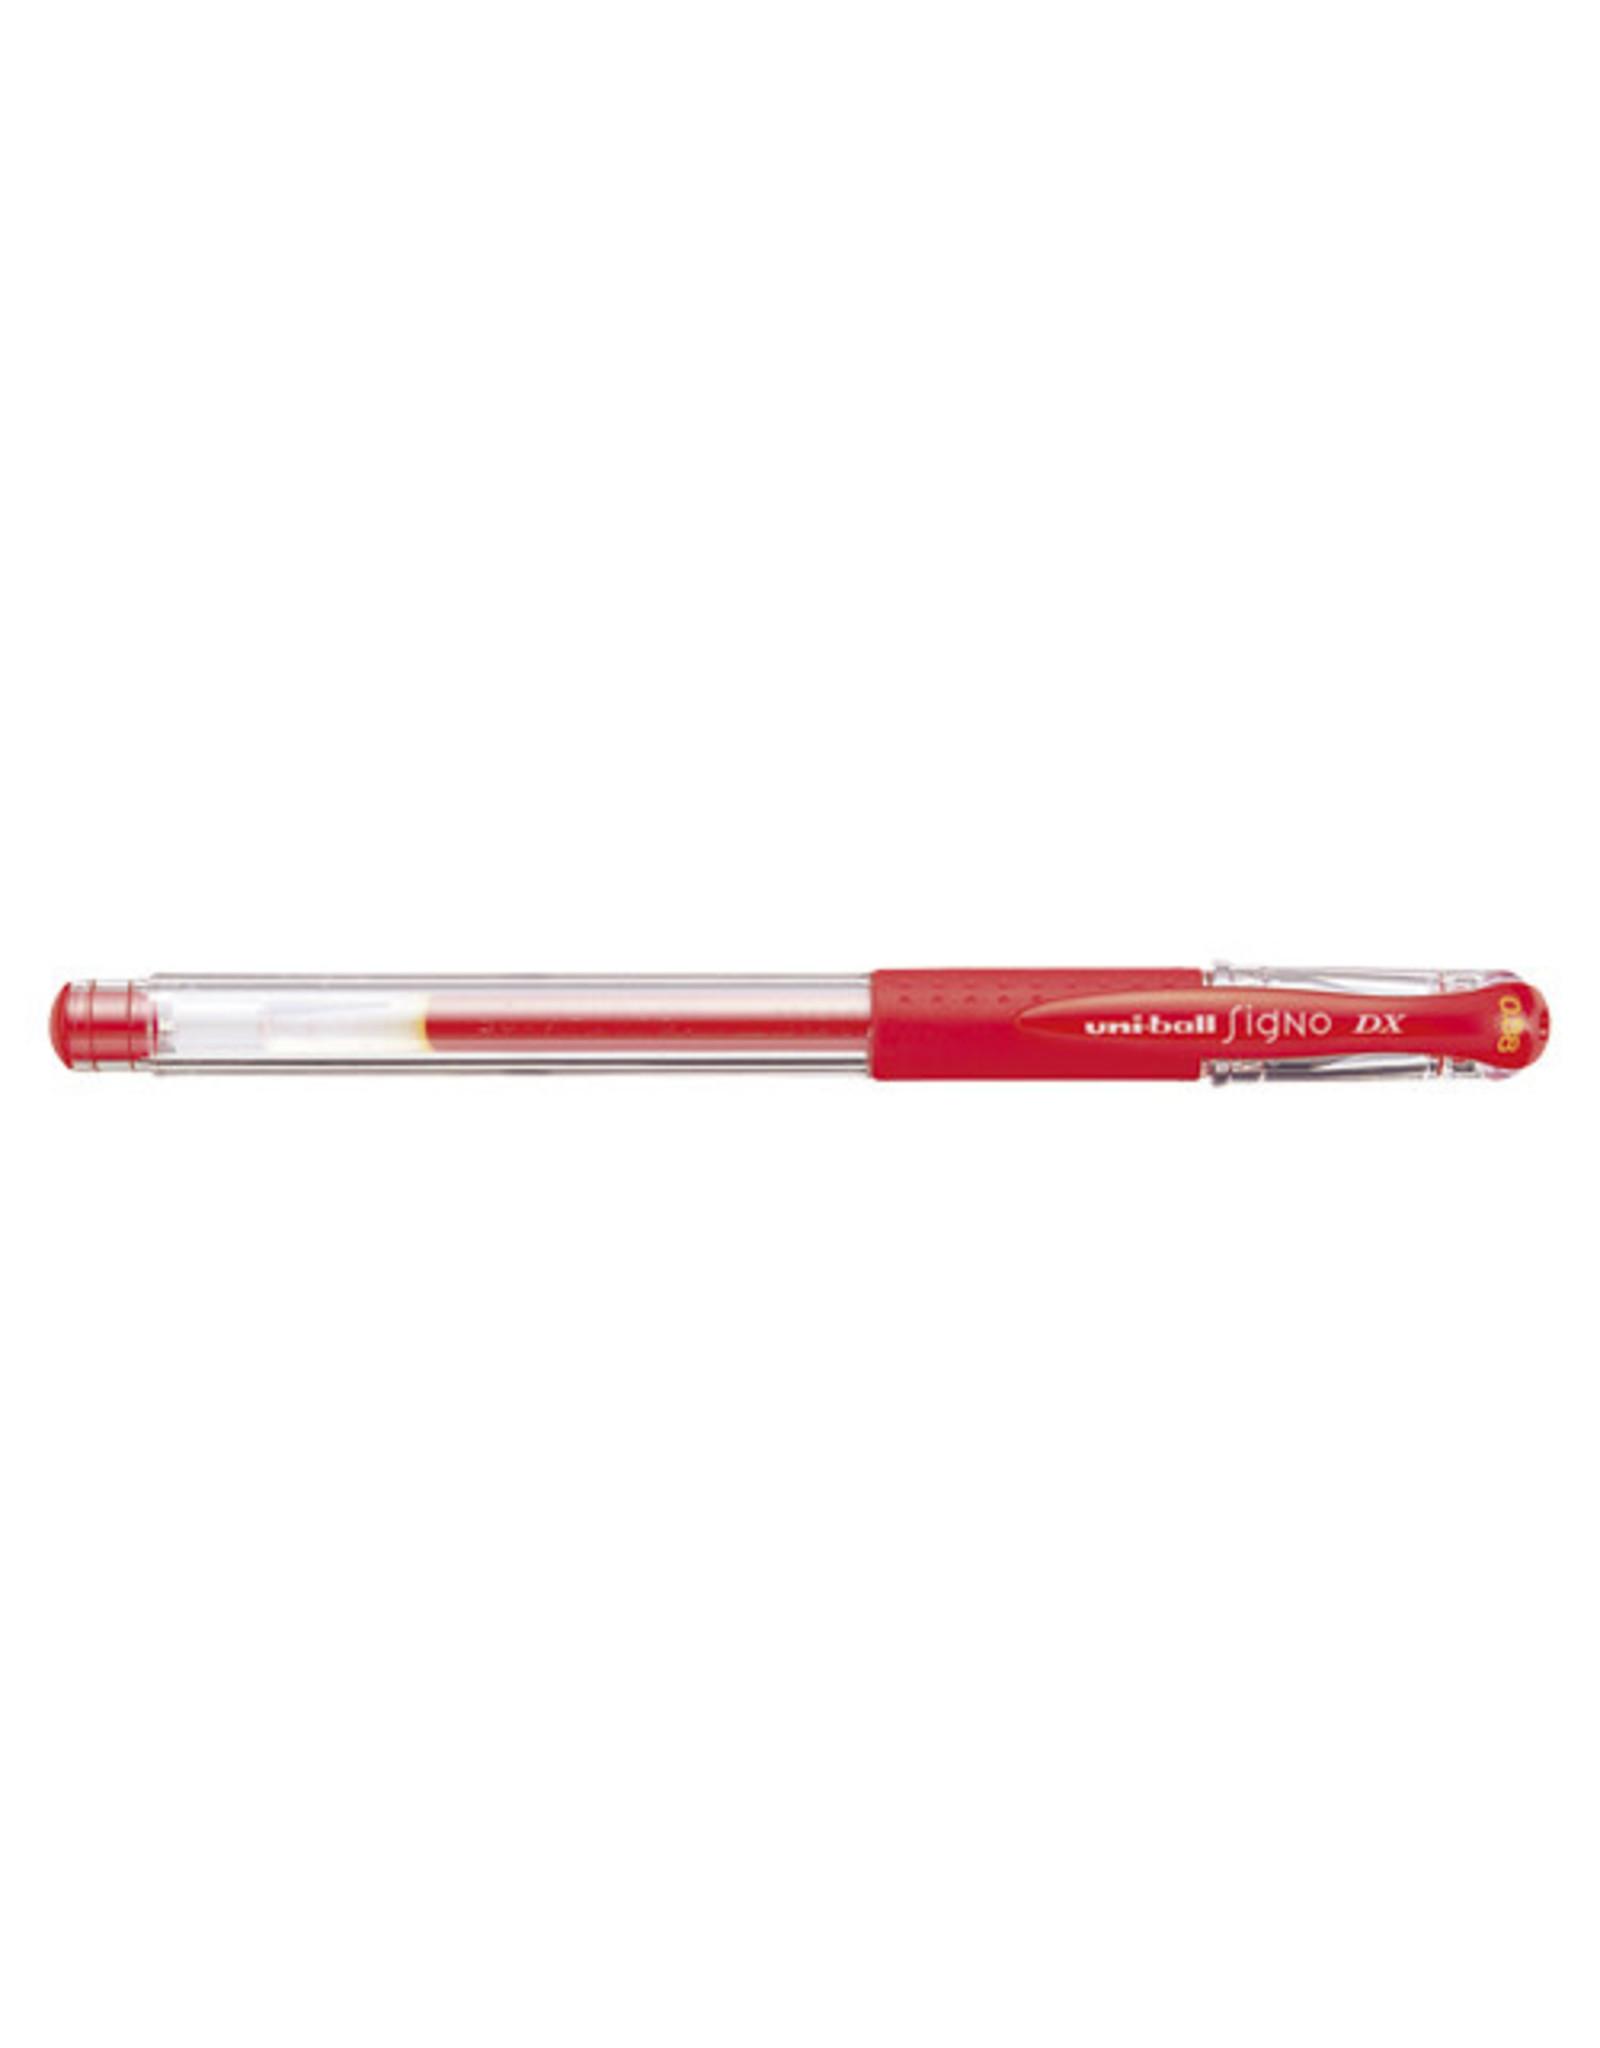 Mitsubishi Pencil Co., Ltd. UNI-BALL SIGNO 0.38 MM RED